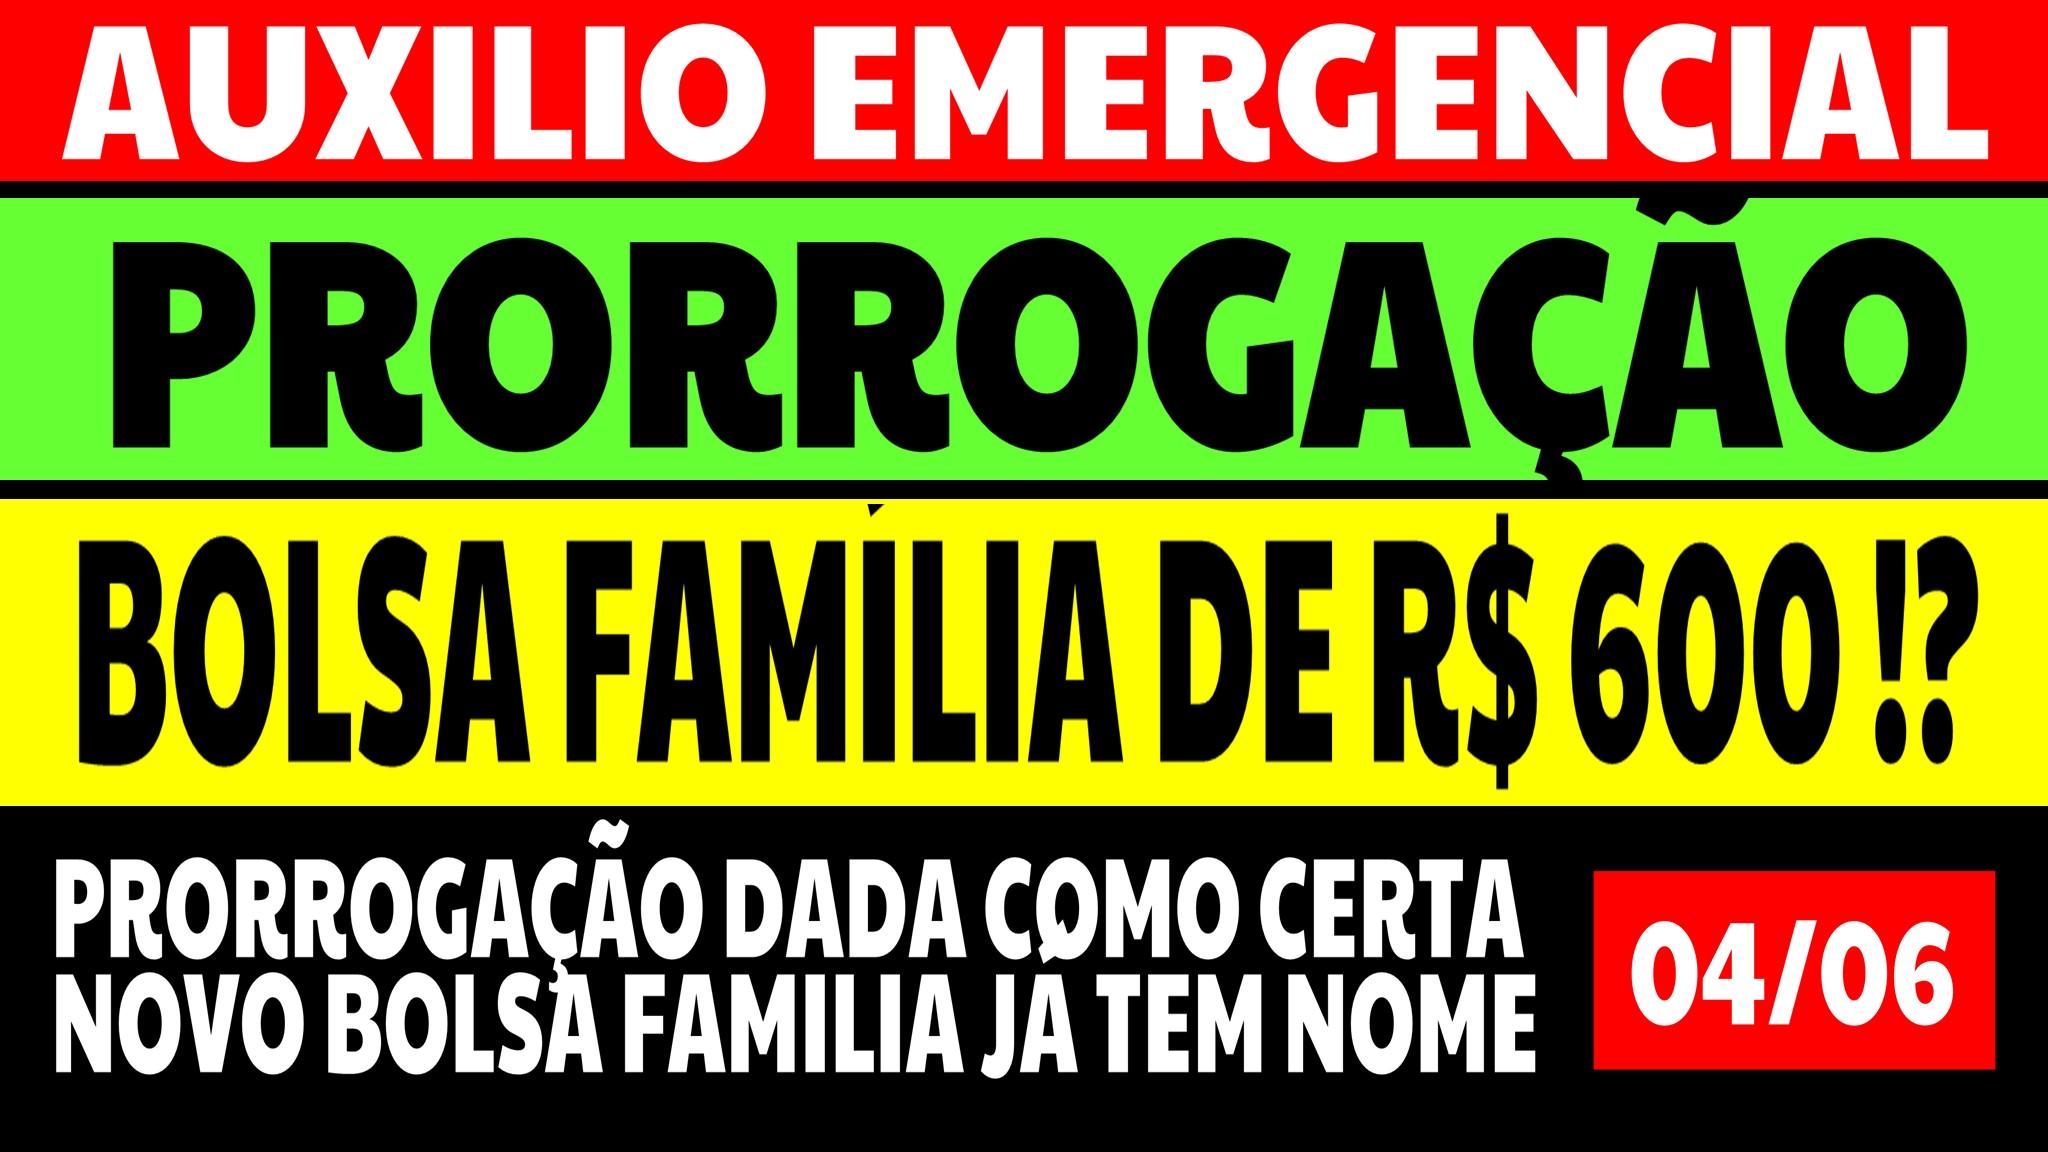 Auxílio Emergencial Hoje – 04/06